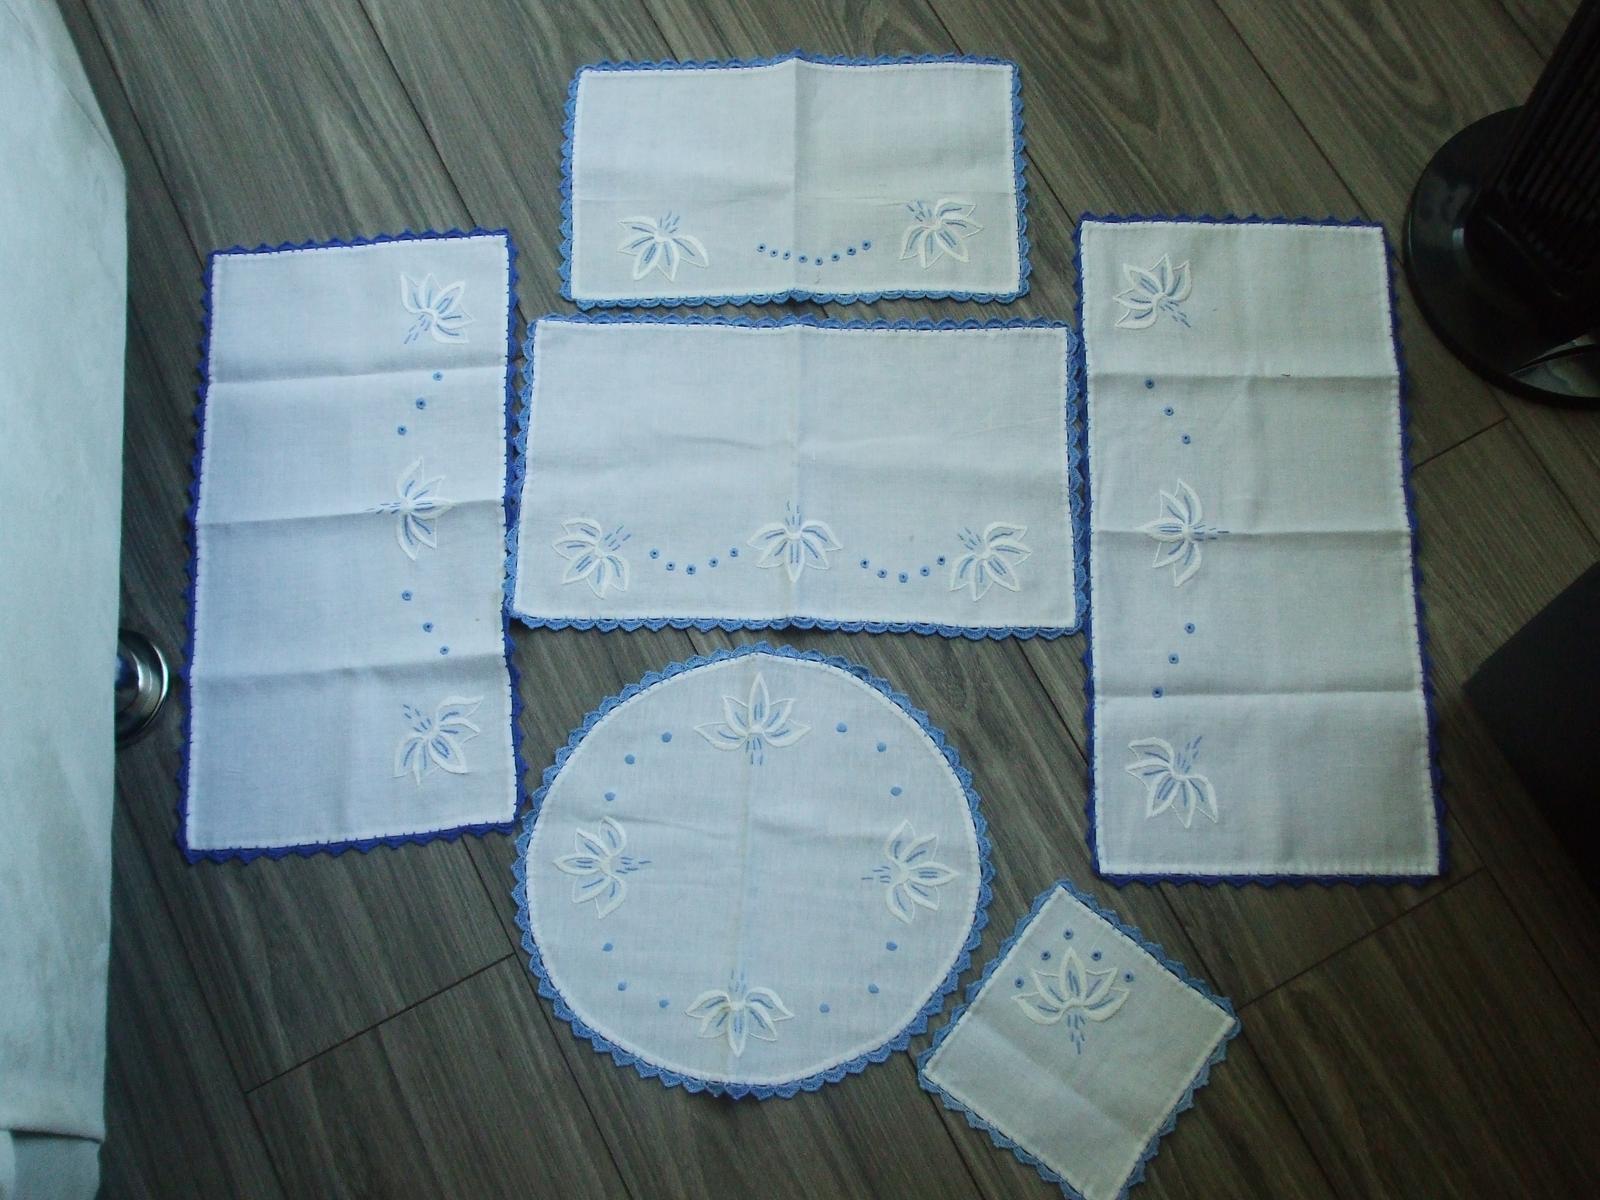 Modro-biela ručne vyšívaná súprava-6 ks - Obrázok č. 1